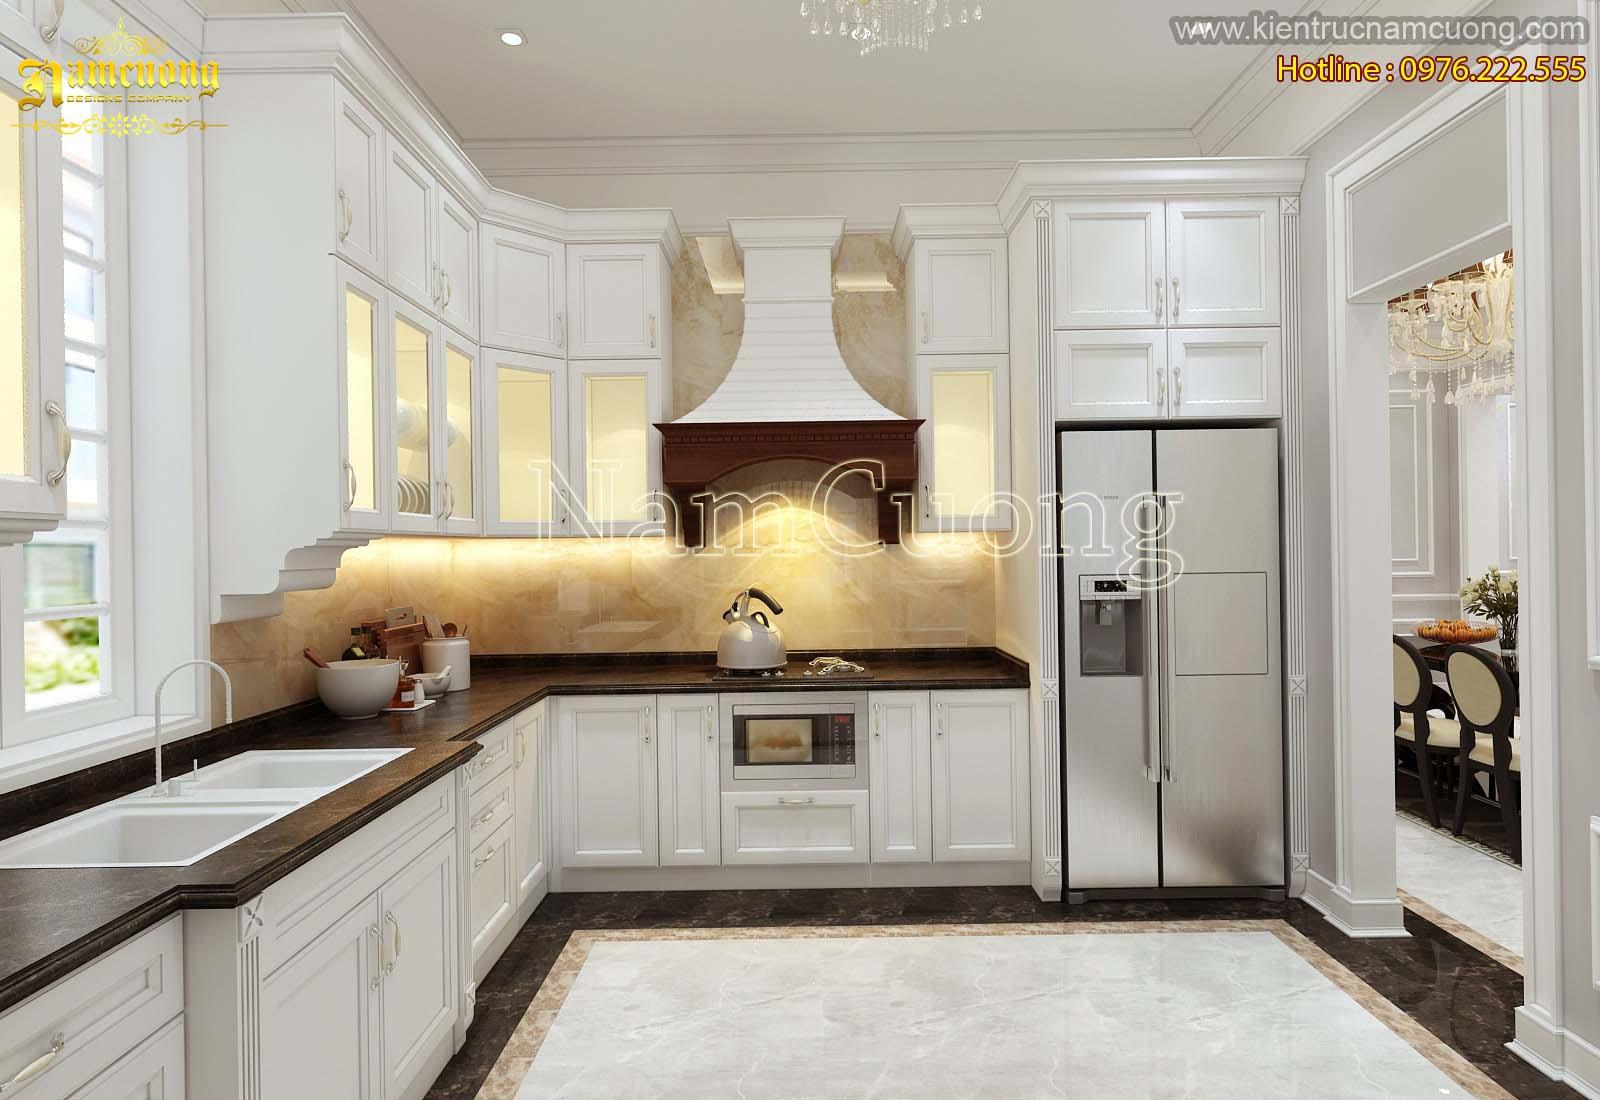 Những mẫu thiết kế nội thất phòng bếp tân cổ điển sang trọng